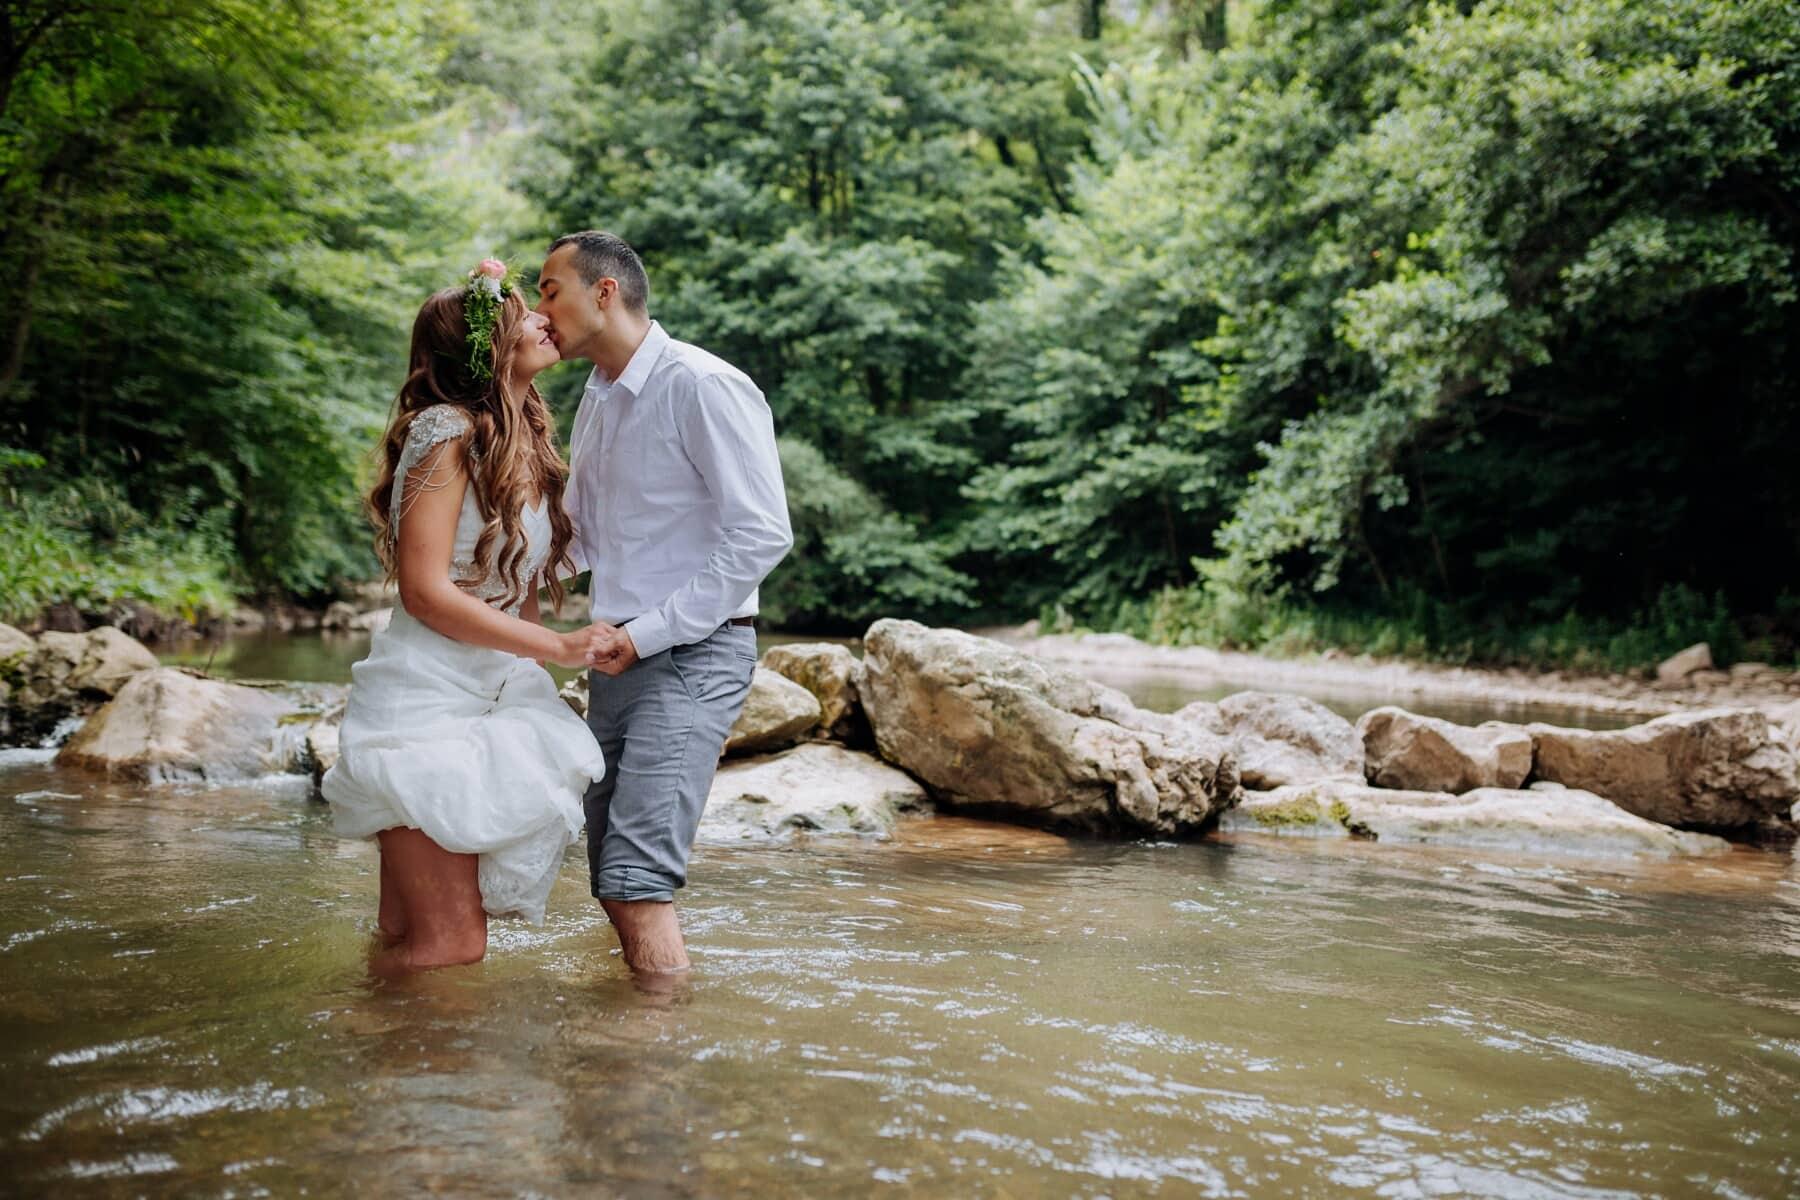 kyss, kvinne, mann, vann, bekk, stående, elven, kjærlighet, natur, fellesskap